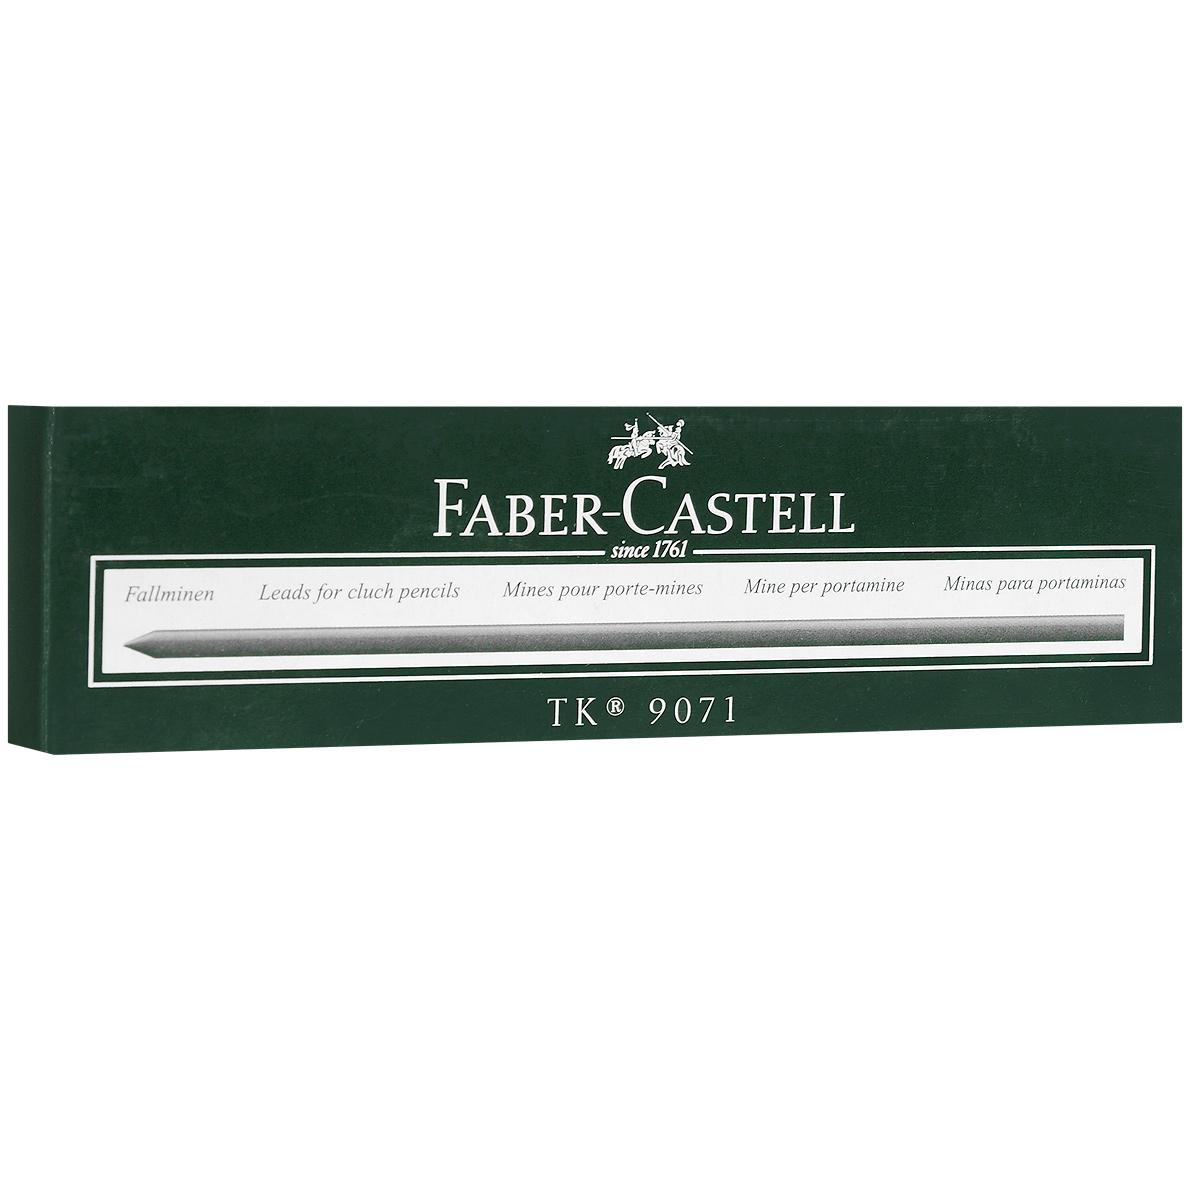 Графитные грифели Faber-Castell, 10 шт127105Графитные грифели Faber-Castell подходят механических карандашей любой марки. Они оставляют на бумаге четкий черный след, не размазываются, обладают ударопрочностью и экономно расходуются. В наборе 10 заточенных грифелей, упакованных в пластиковый футляр для удобного хранения.